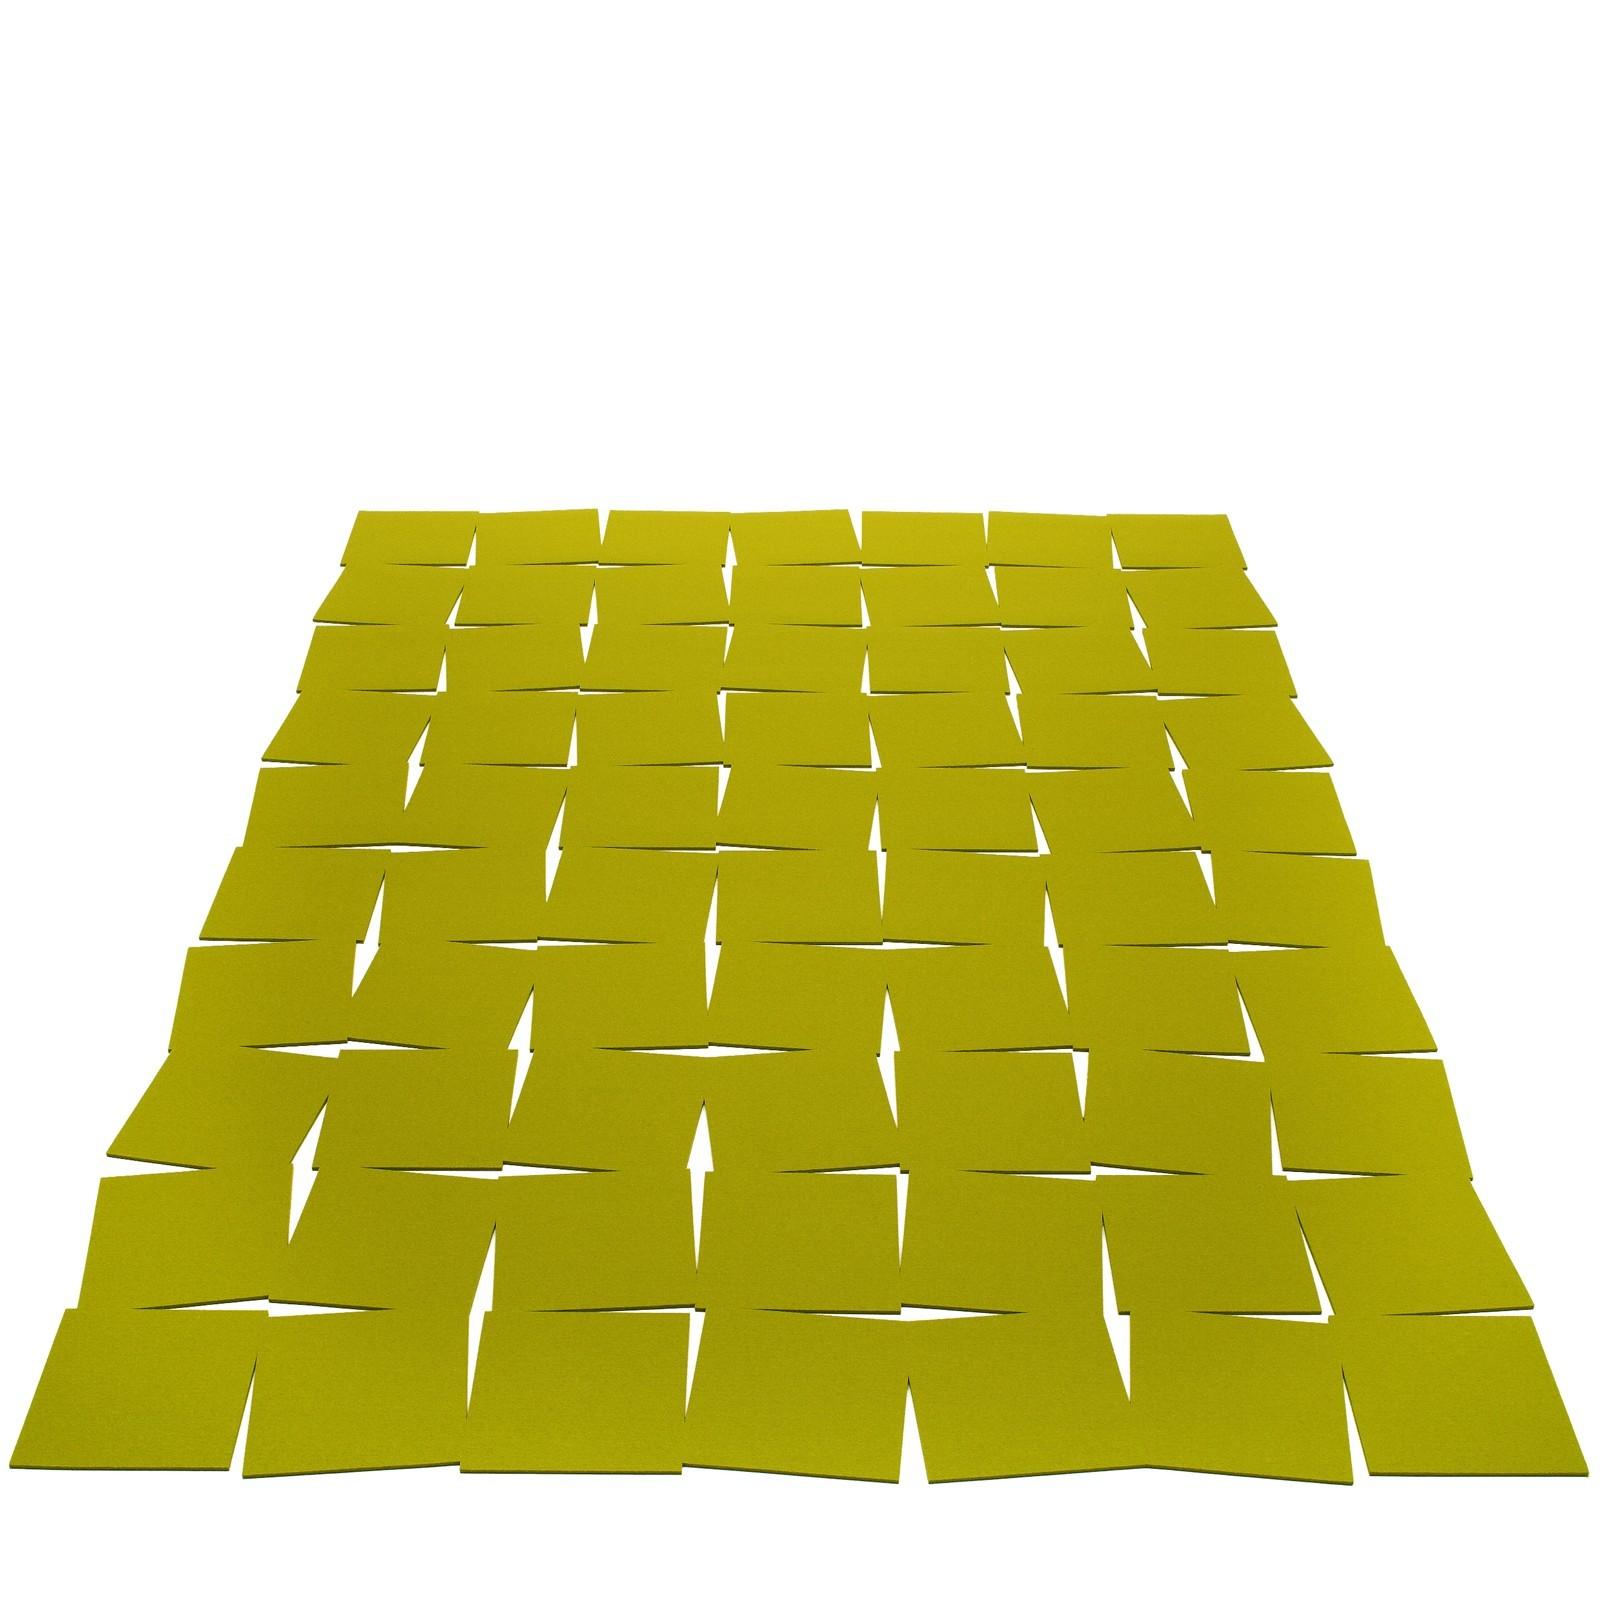 teppich filz rechteckig mit schlitzmuster viele farben. Black Bedroom Furniture Sets. Home Design Ideas